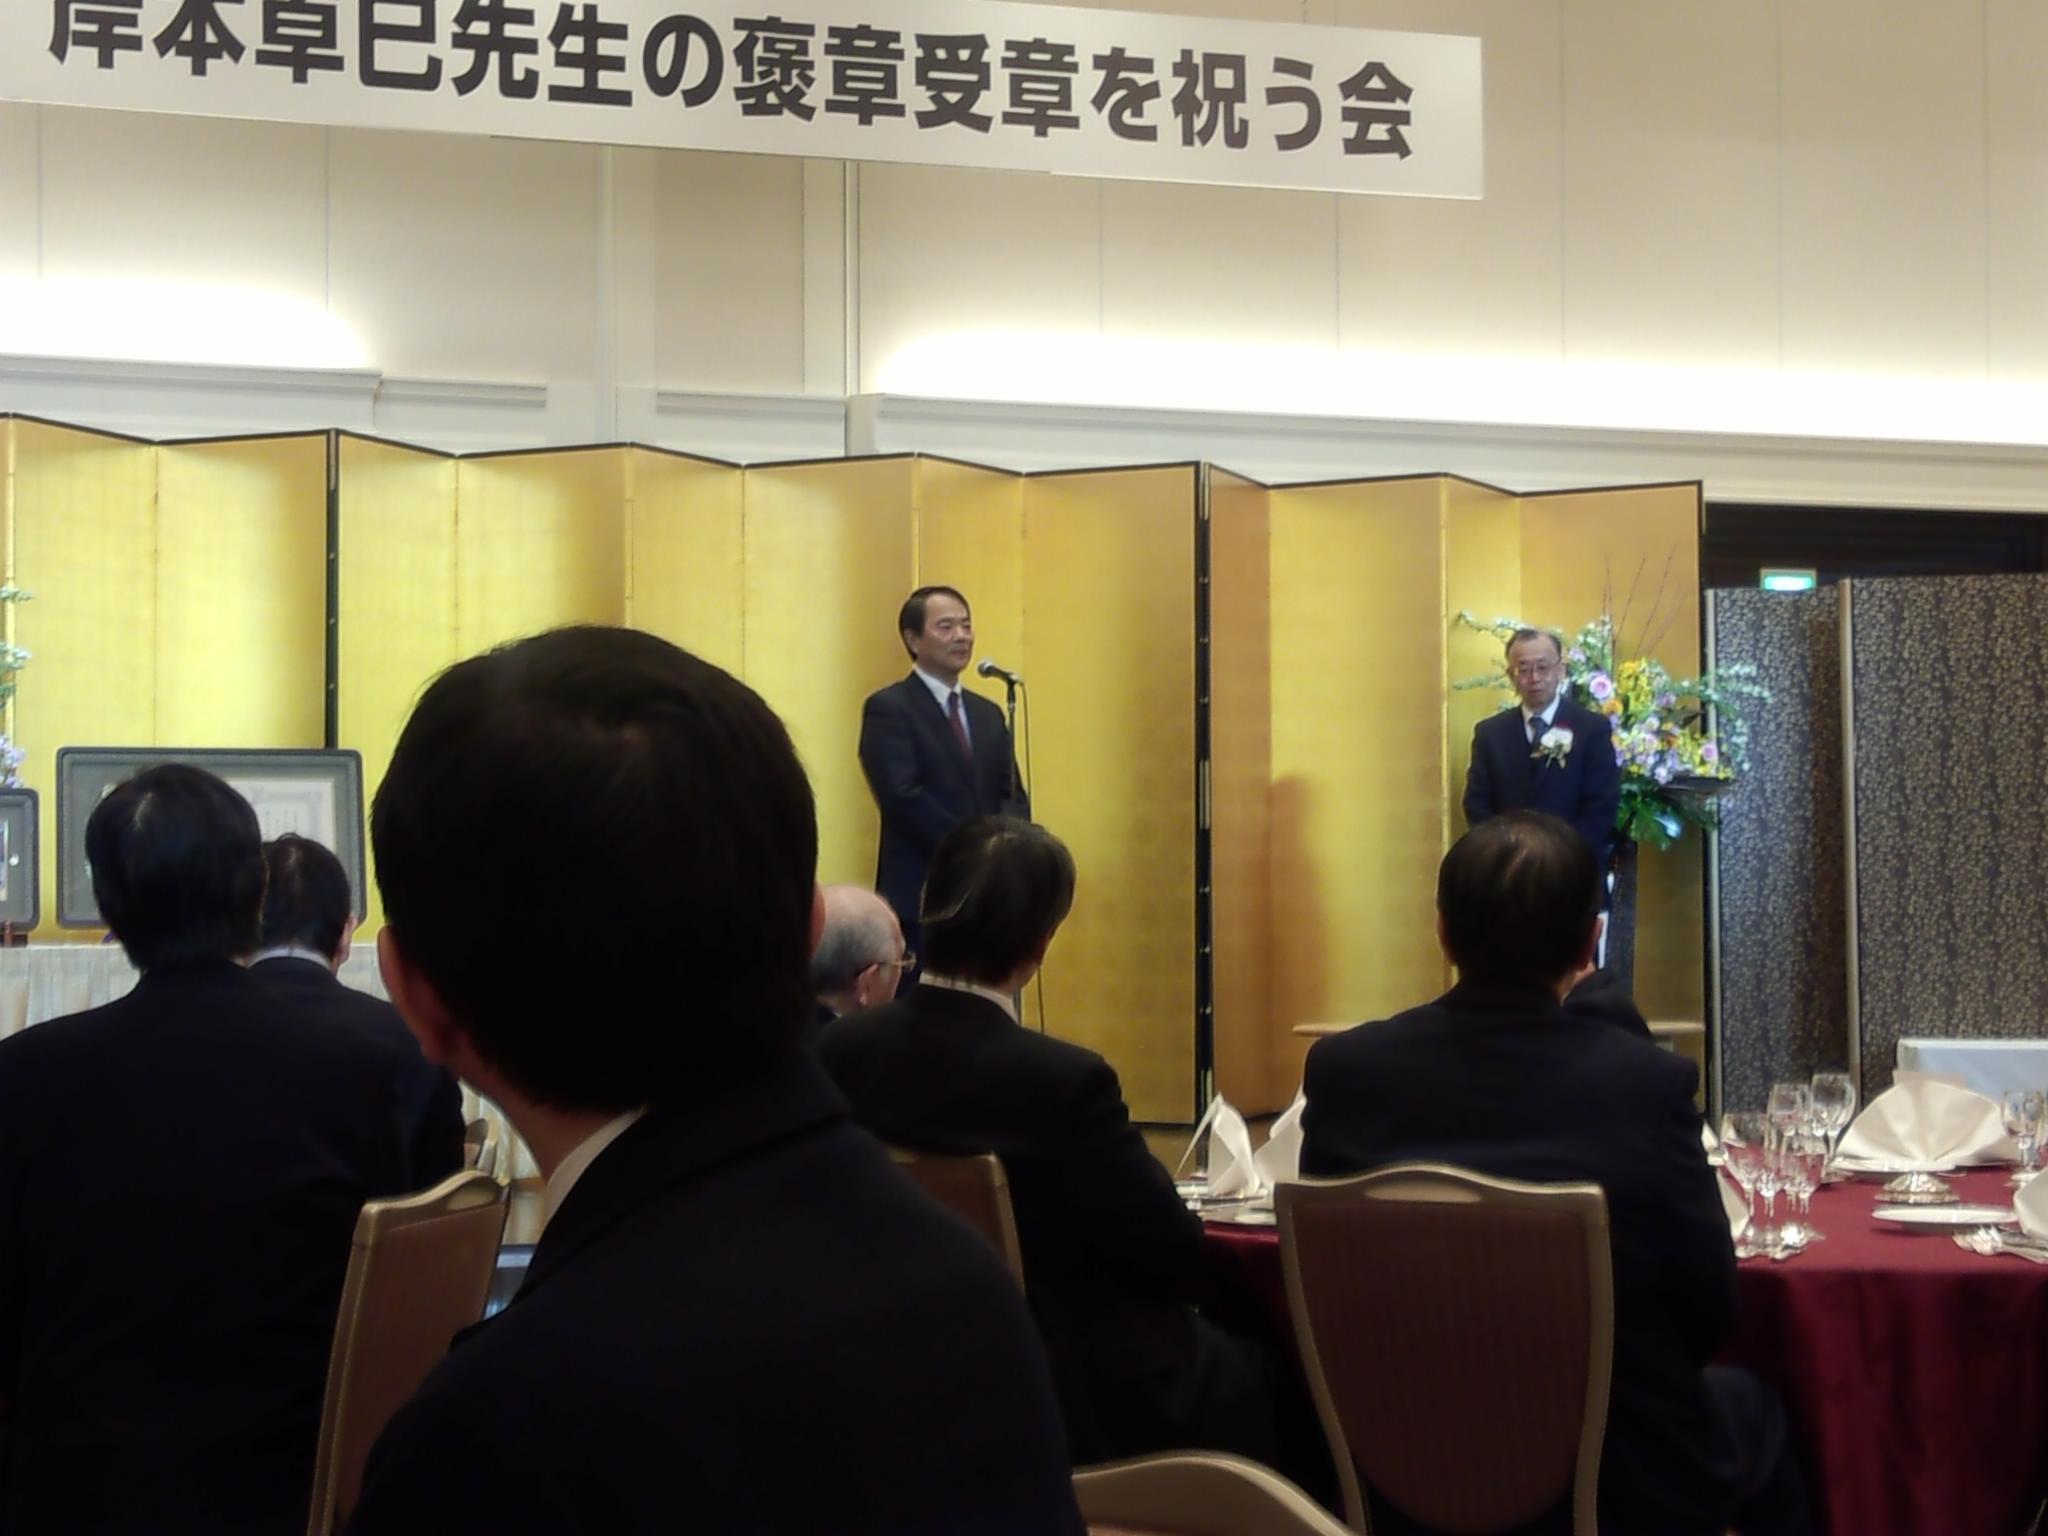 岸本卓巳先生の褒章受章を祝う会